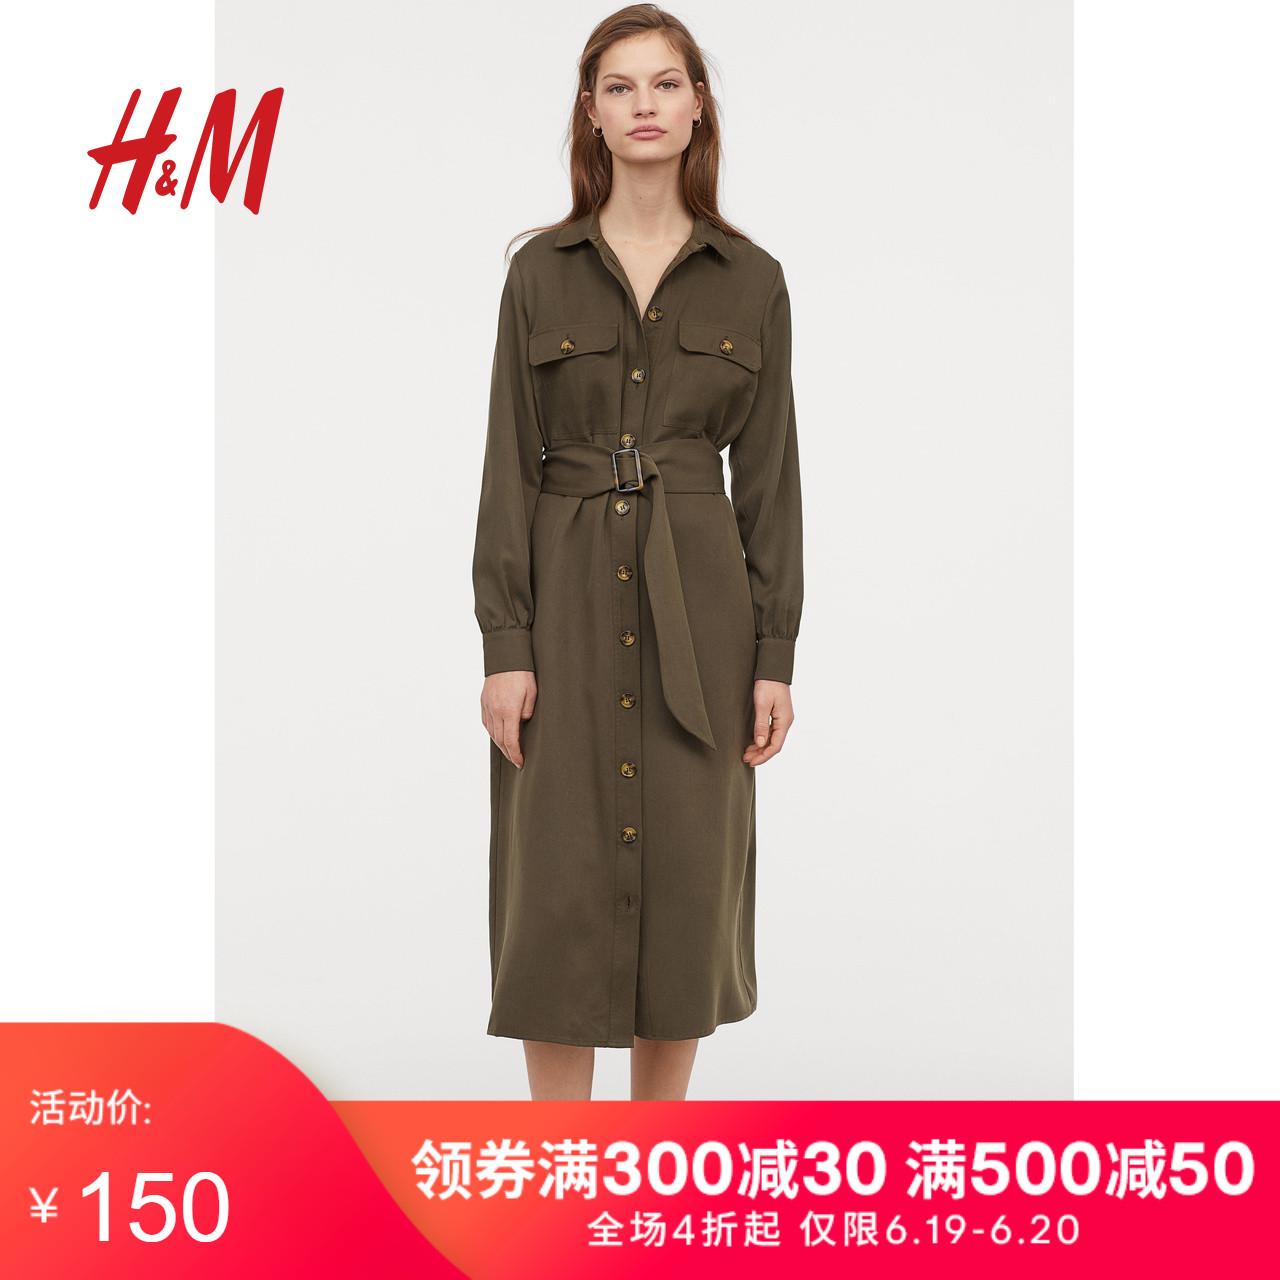 H&M 女装衬衫裙2019年春季新款 衬衫式连衣裙 HM0676933